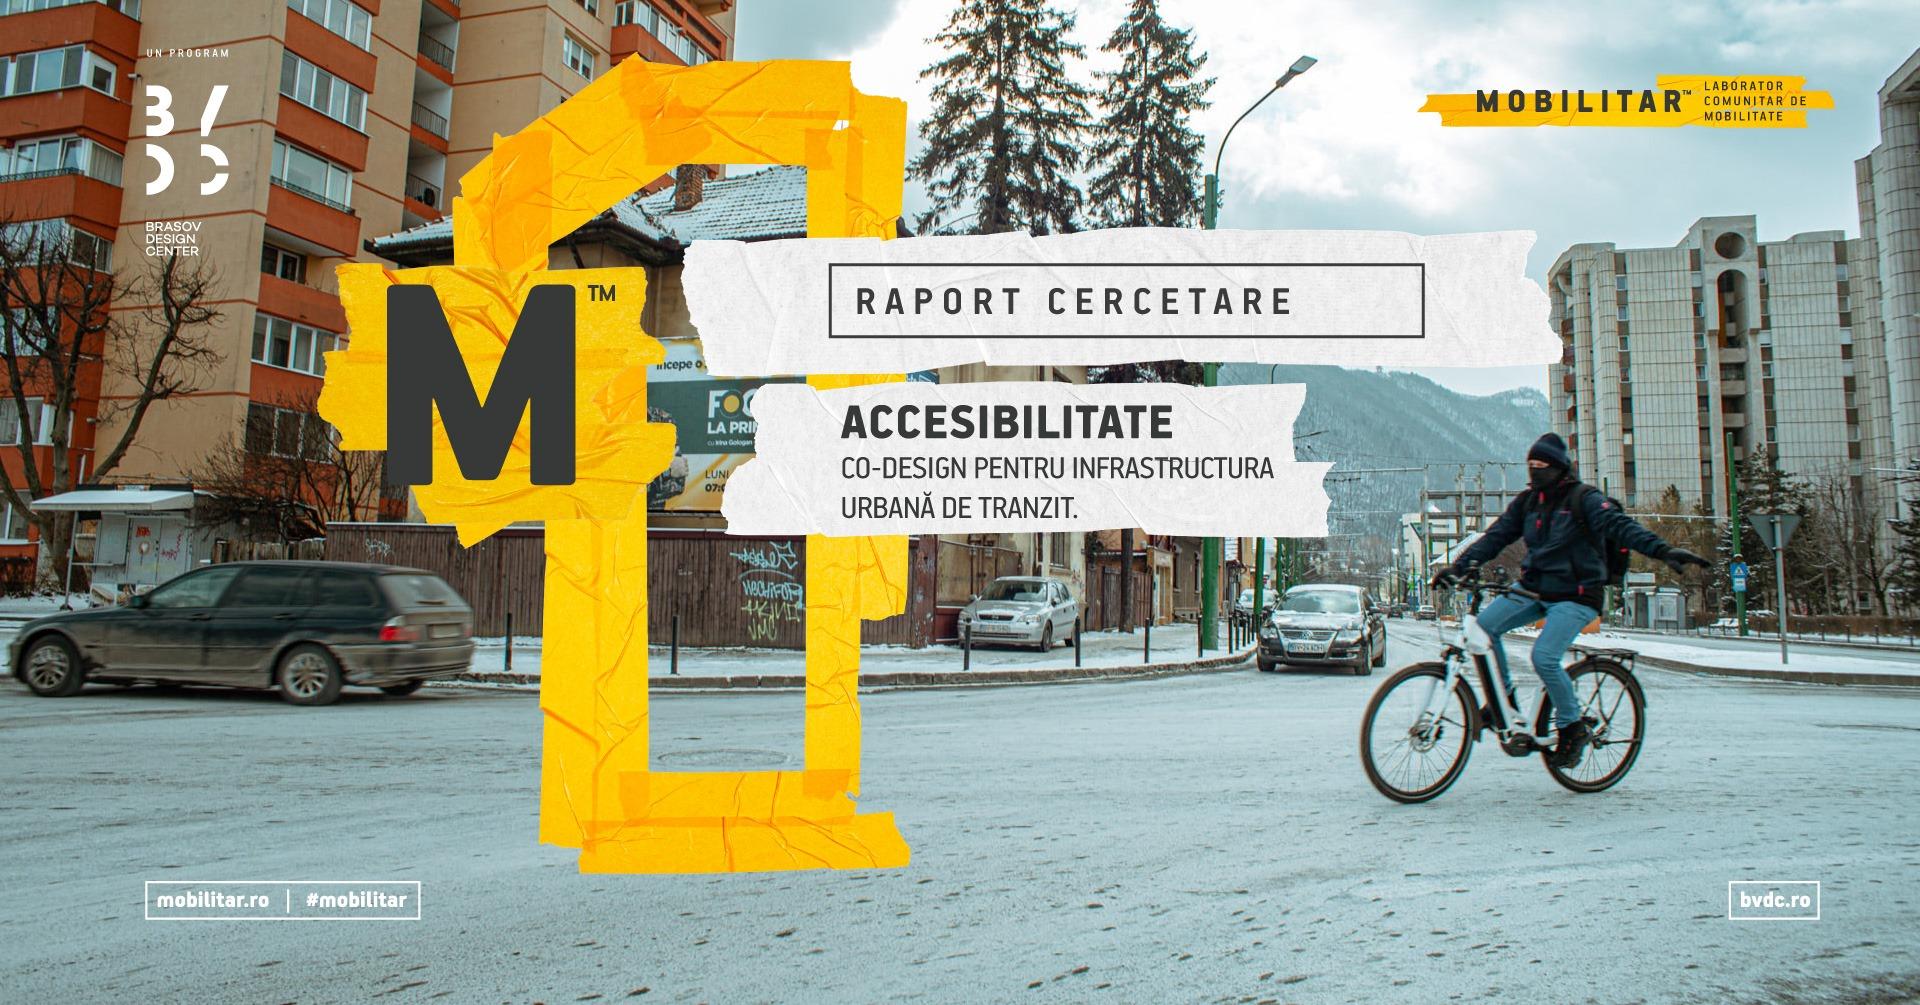 M1/Accesibilitate/Raport